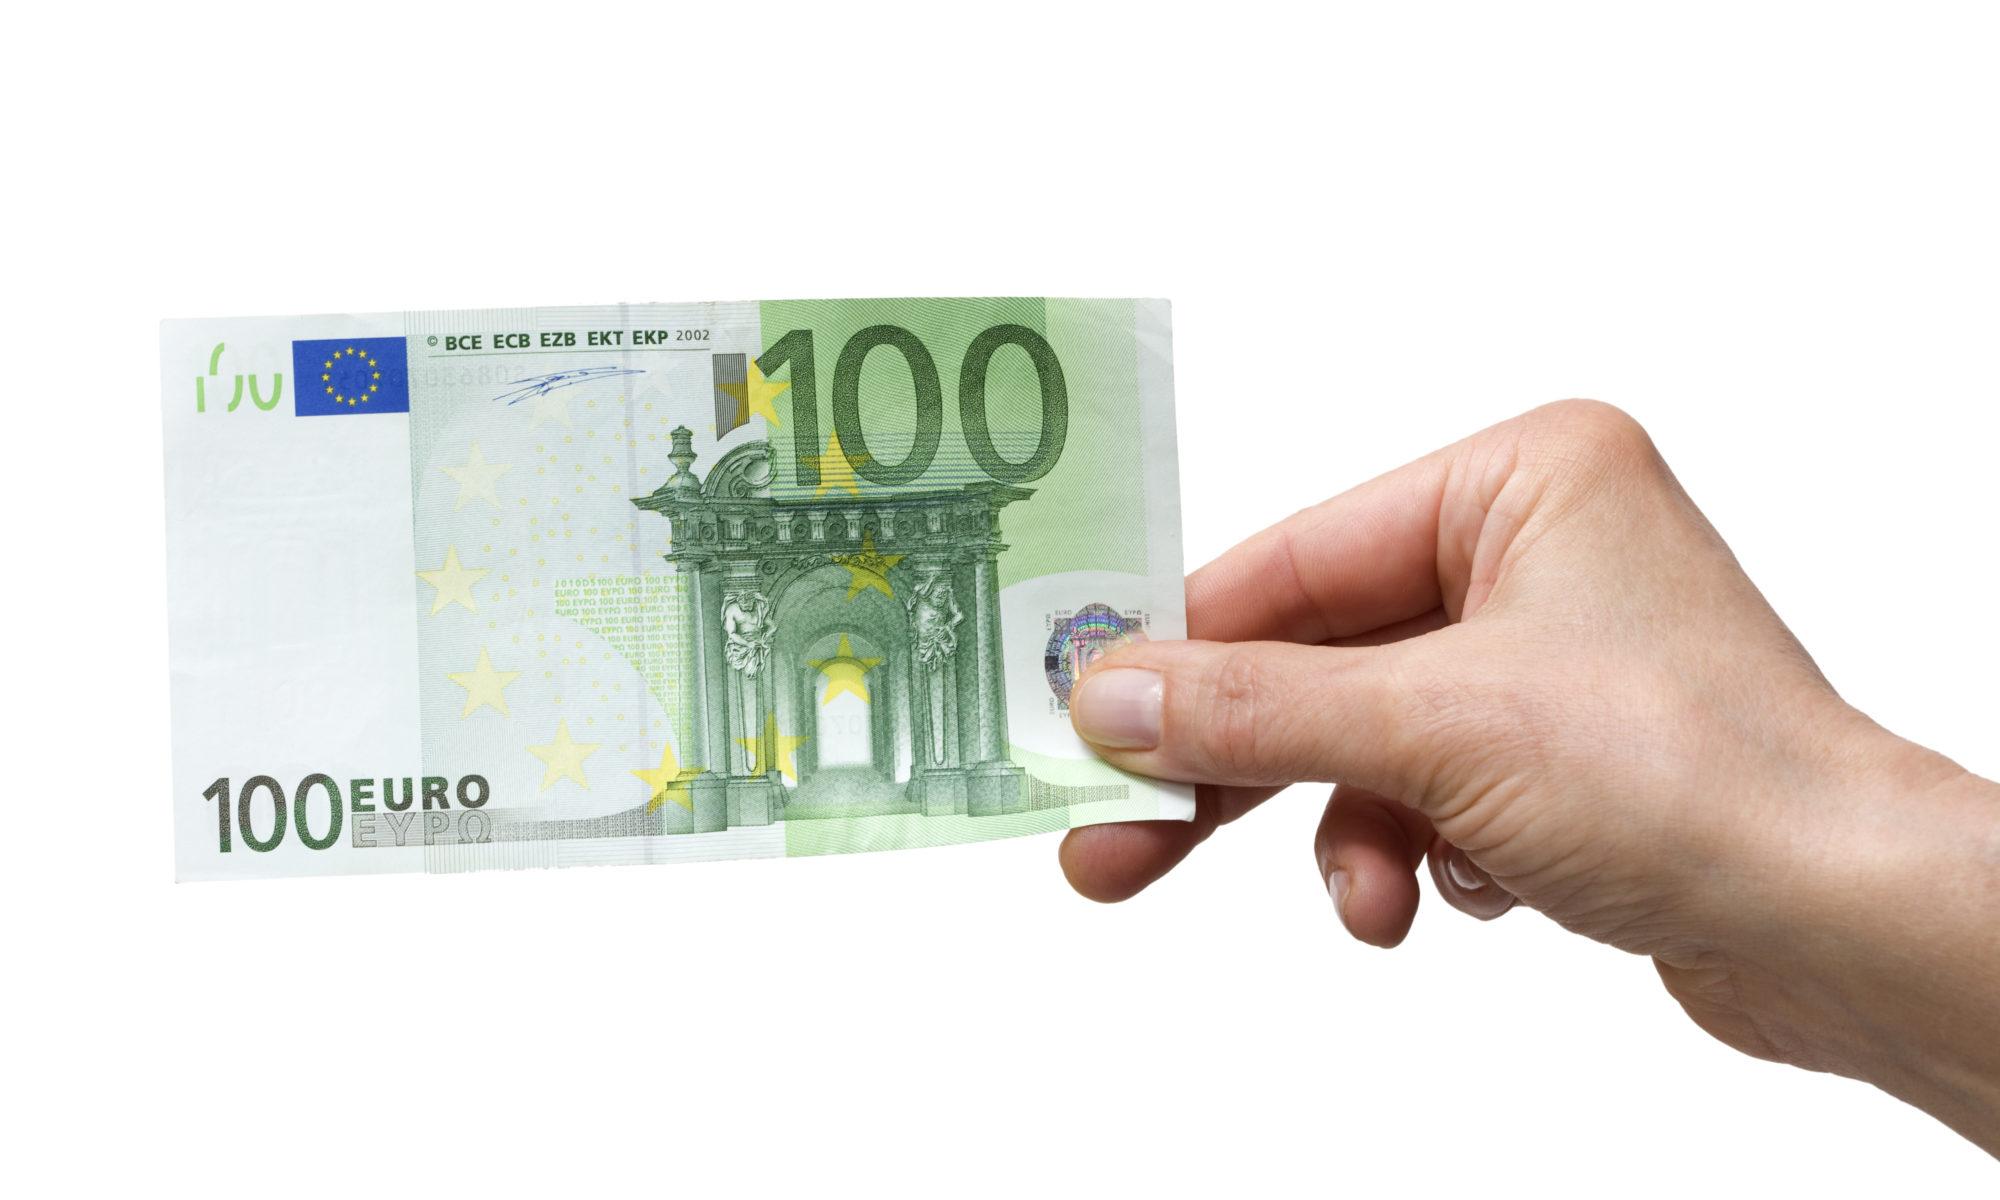 AdobeStock 23079200 2000x1200 - Linke verspricht Hartz IV-Erhöhung von 100 Euro in den ersten 100 Tagen